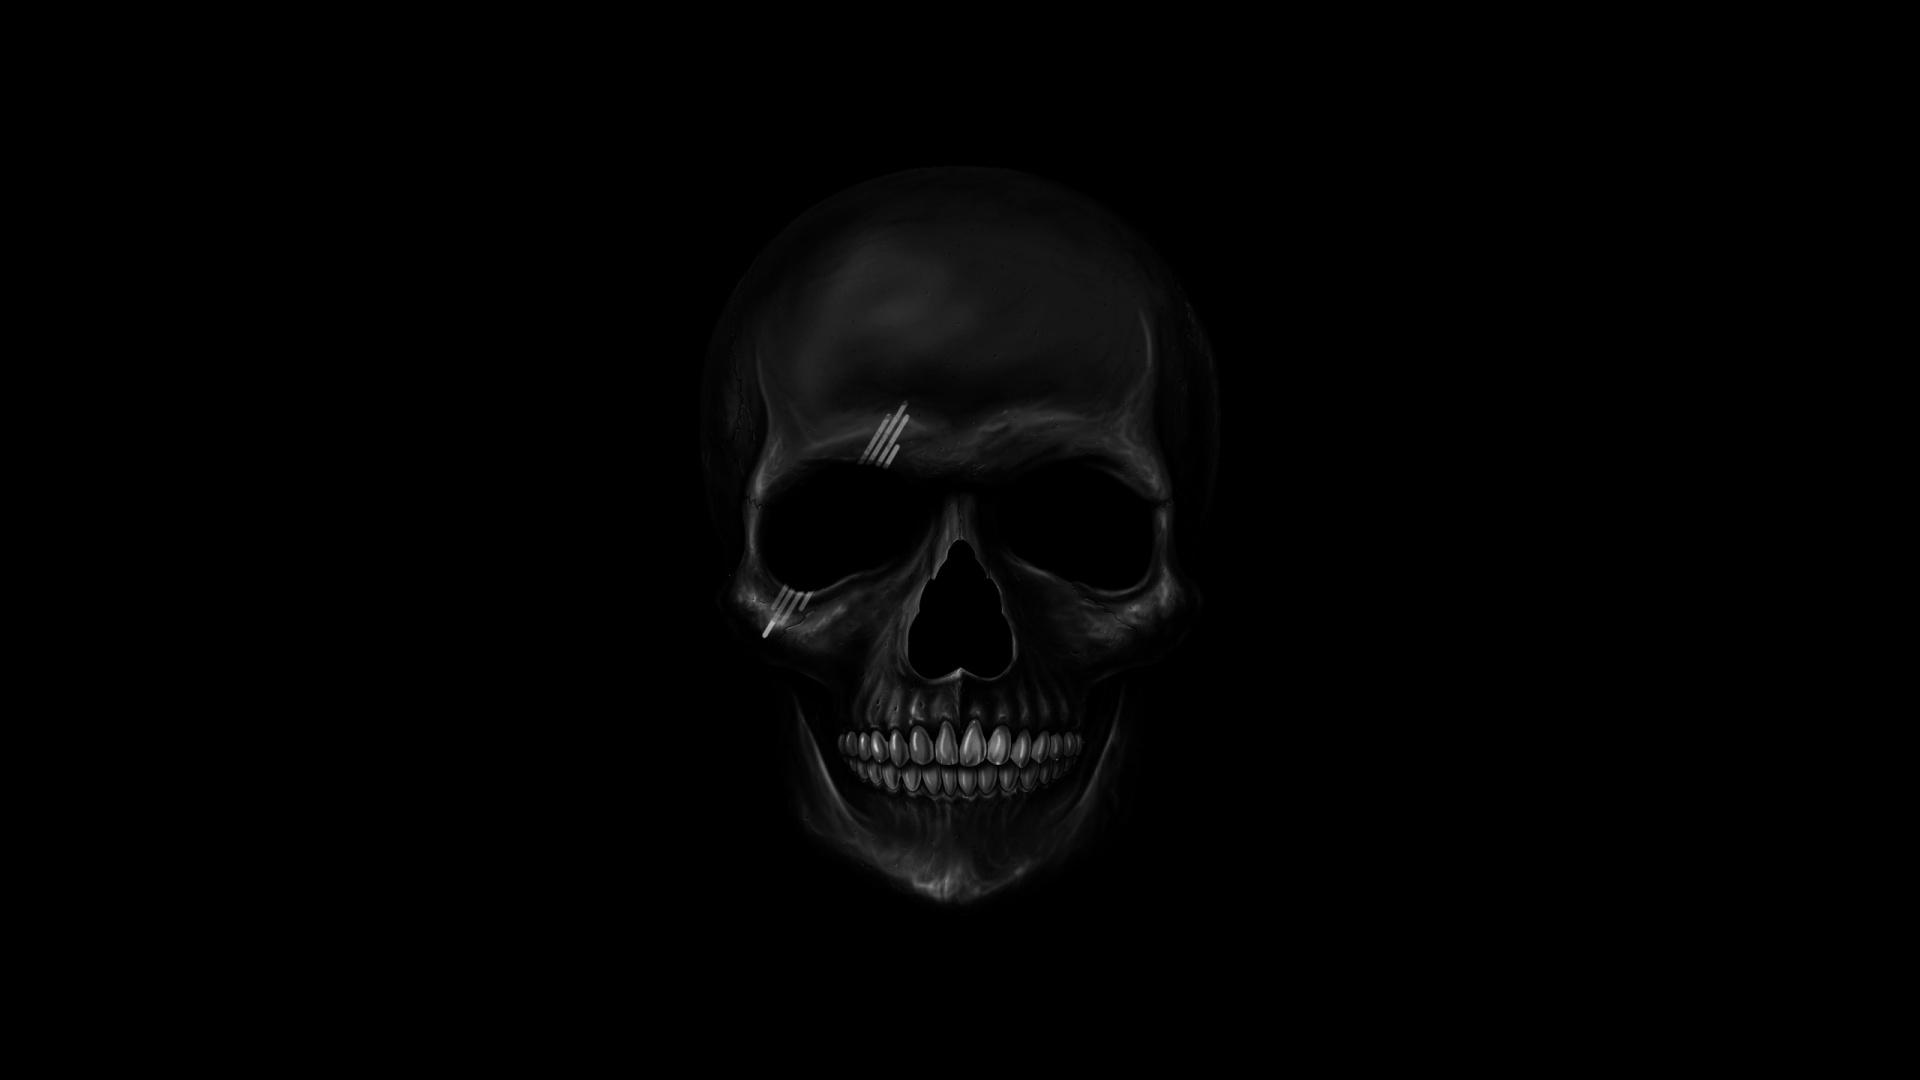 Dark Skull Wallpaper  1920x1080 135684 WallpaperUP